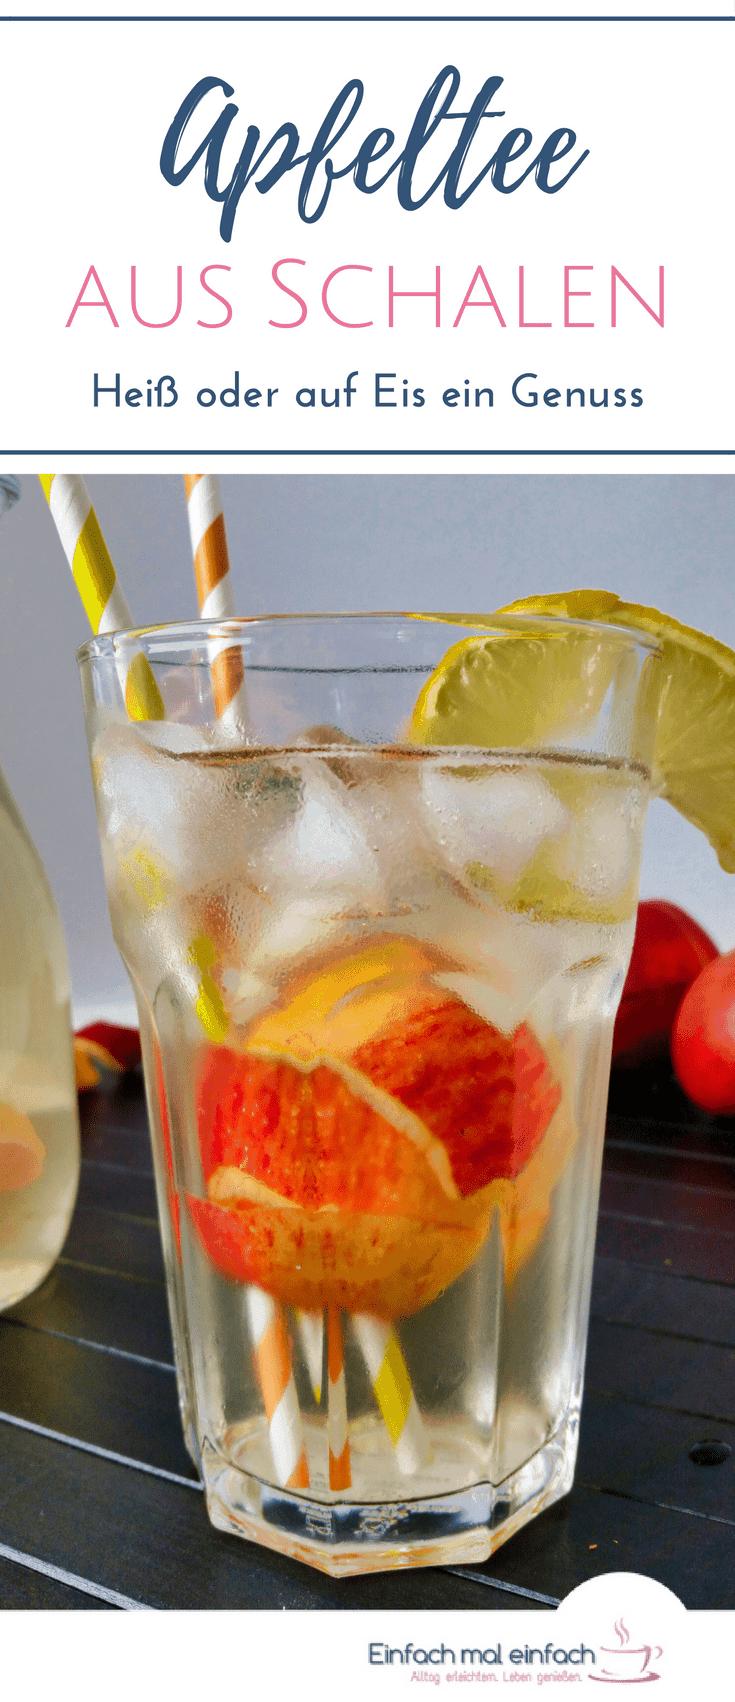 Wenn Du Dir vorgenommen hast, mehr Tee zu trinken, dann kannst Du ganz leicht einen Apfelschalentee selber machen. Dieses einfache DIY Rezept ist eine großartige Möglichkeit, Apfelschalen zu verwerten. Und er schmeckt nicht nur heiß in der kalten Jahreszeit, sondern auch auf Eis. #apfeltee #resteverwertung #äpfel #selbermachen